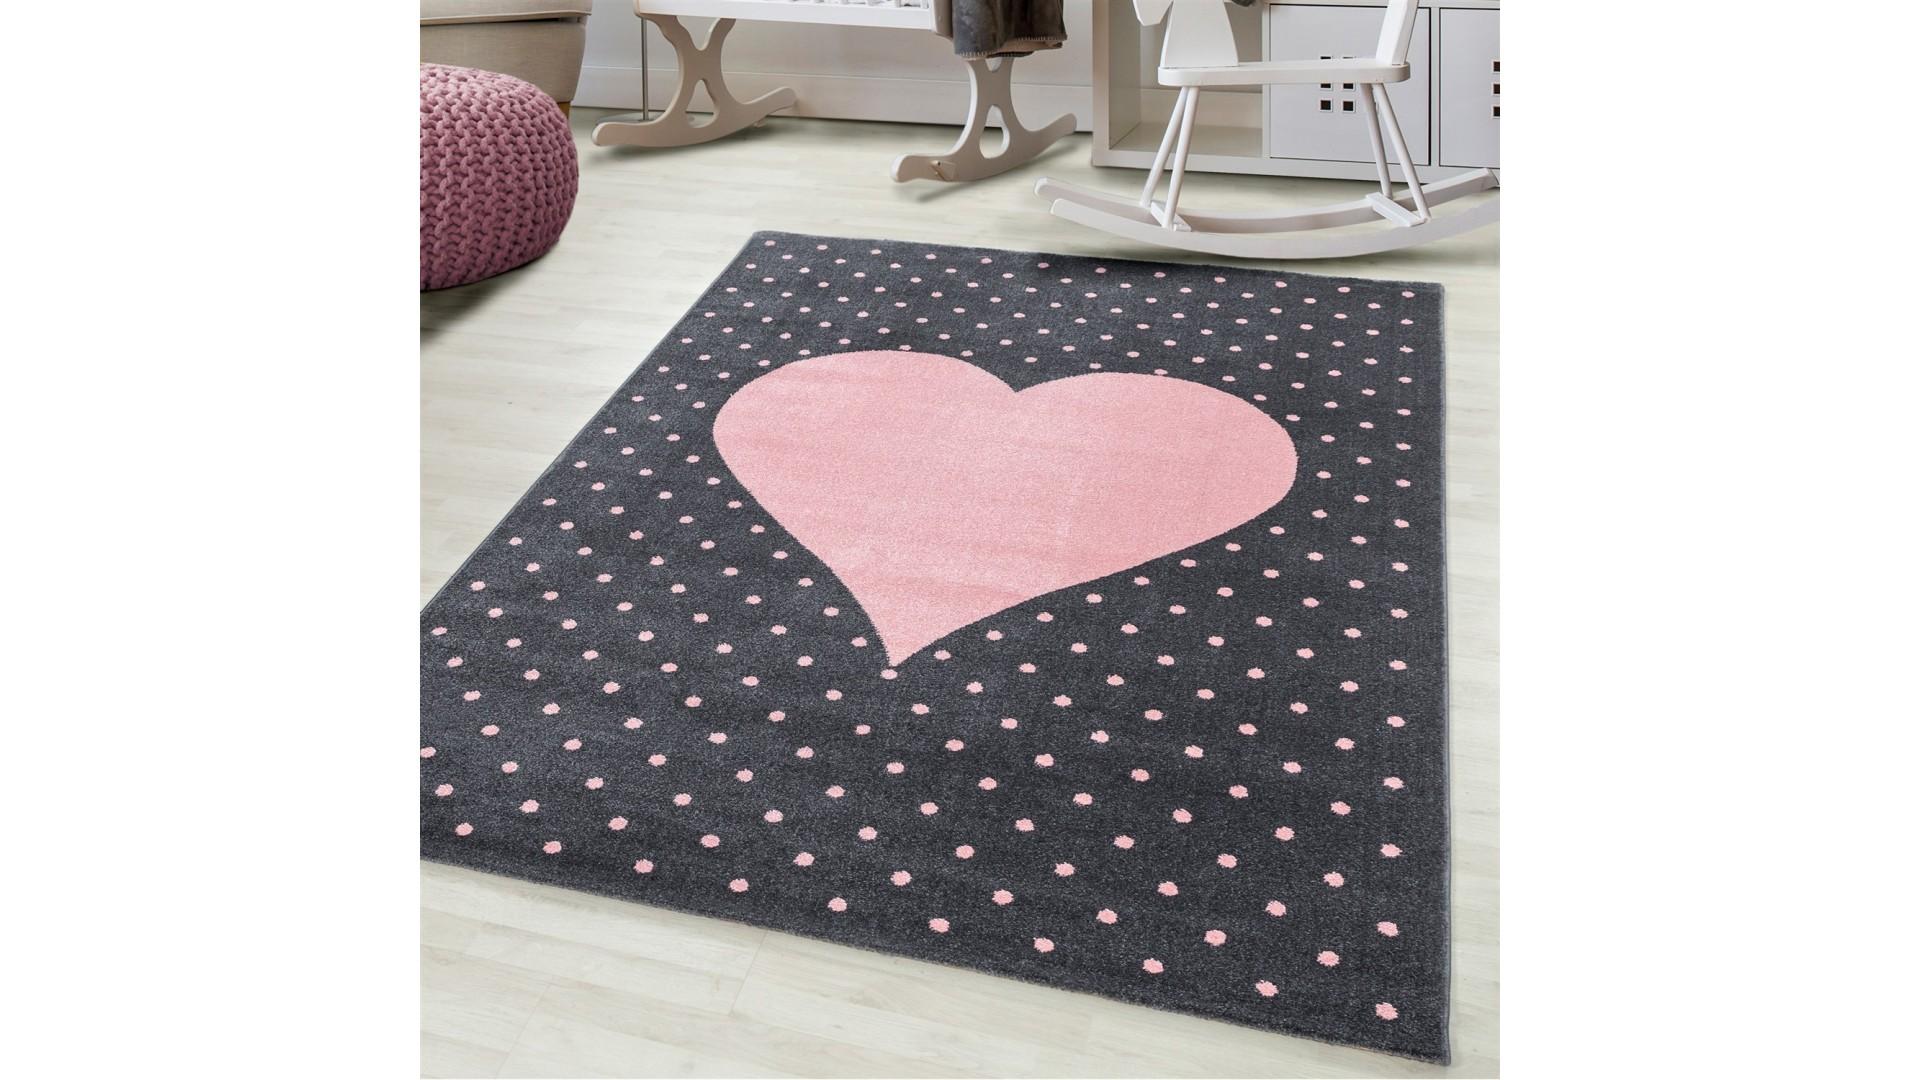 Różowe serduszko na czarnym tle to dywanik idealnie nadający się do pokoju dziecięcego i młodzieżowego.